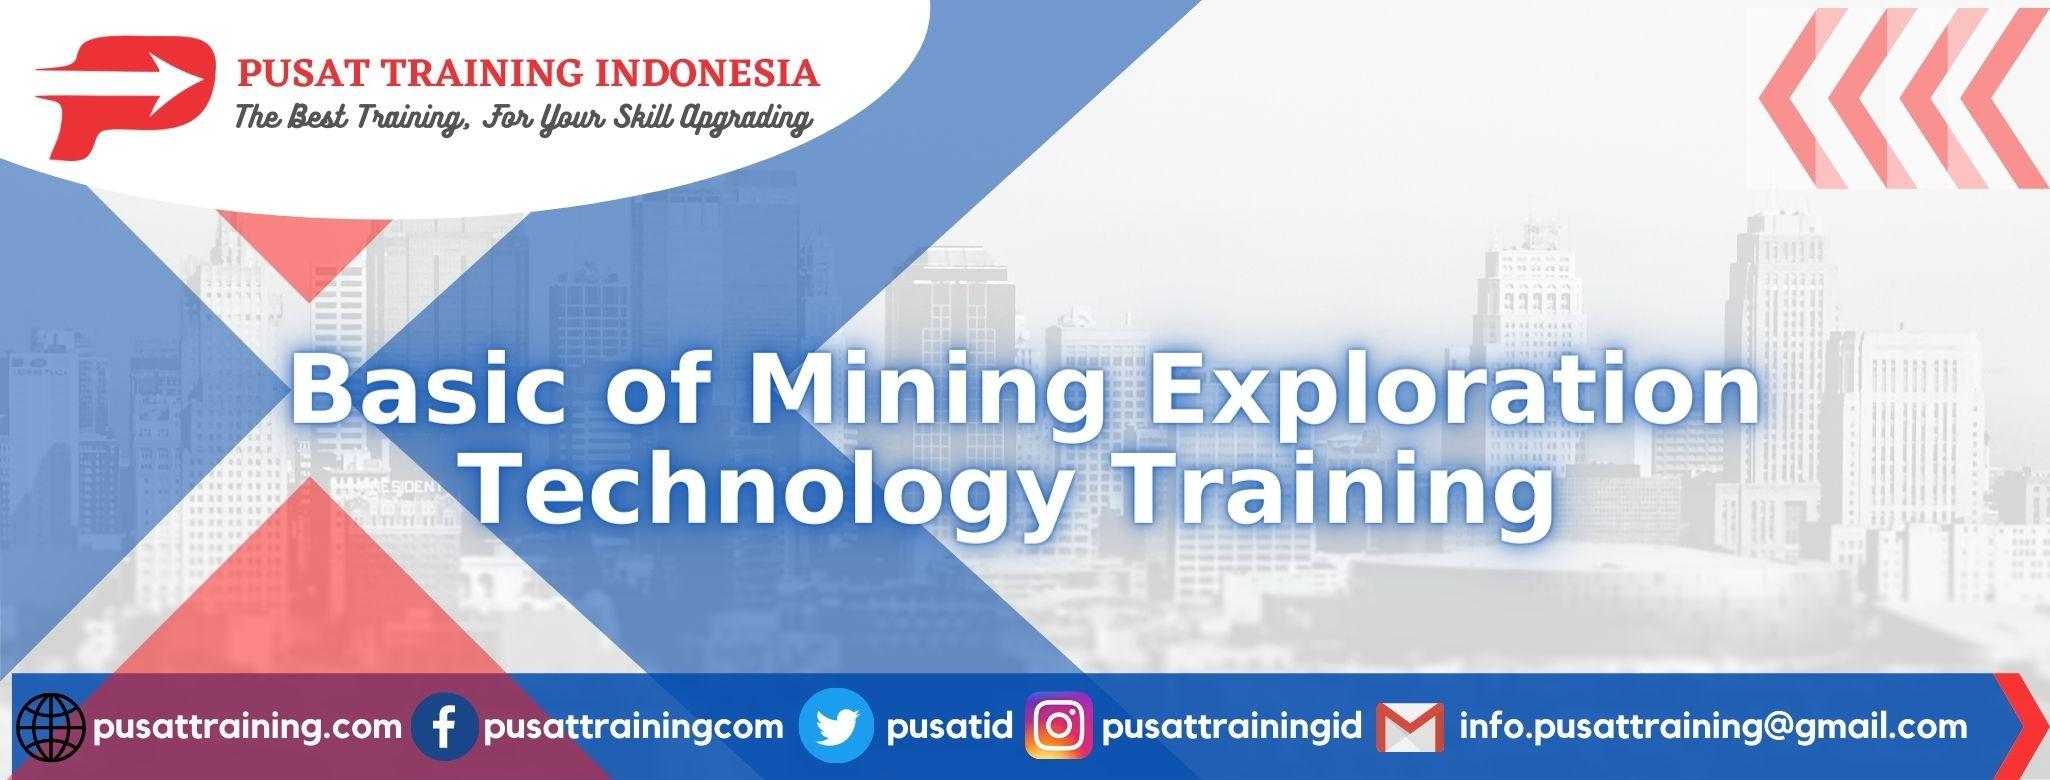 Basic-of-Mining-Exploration-Technology-Training